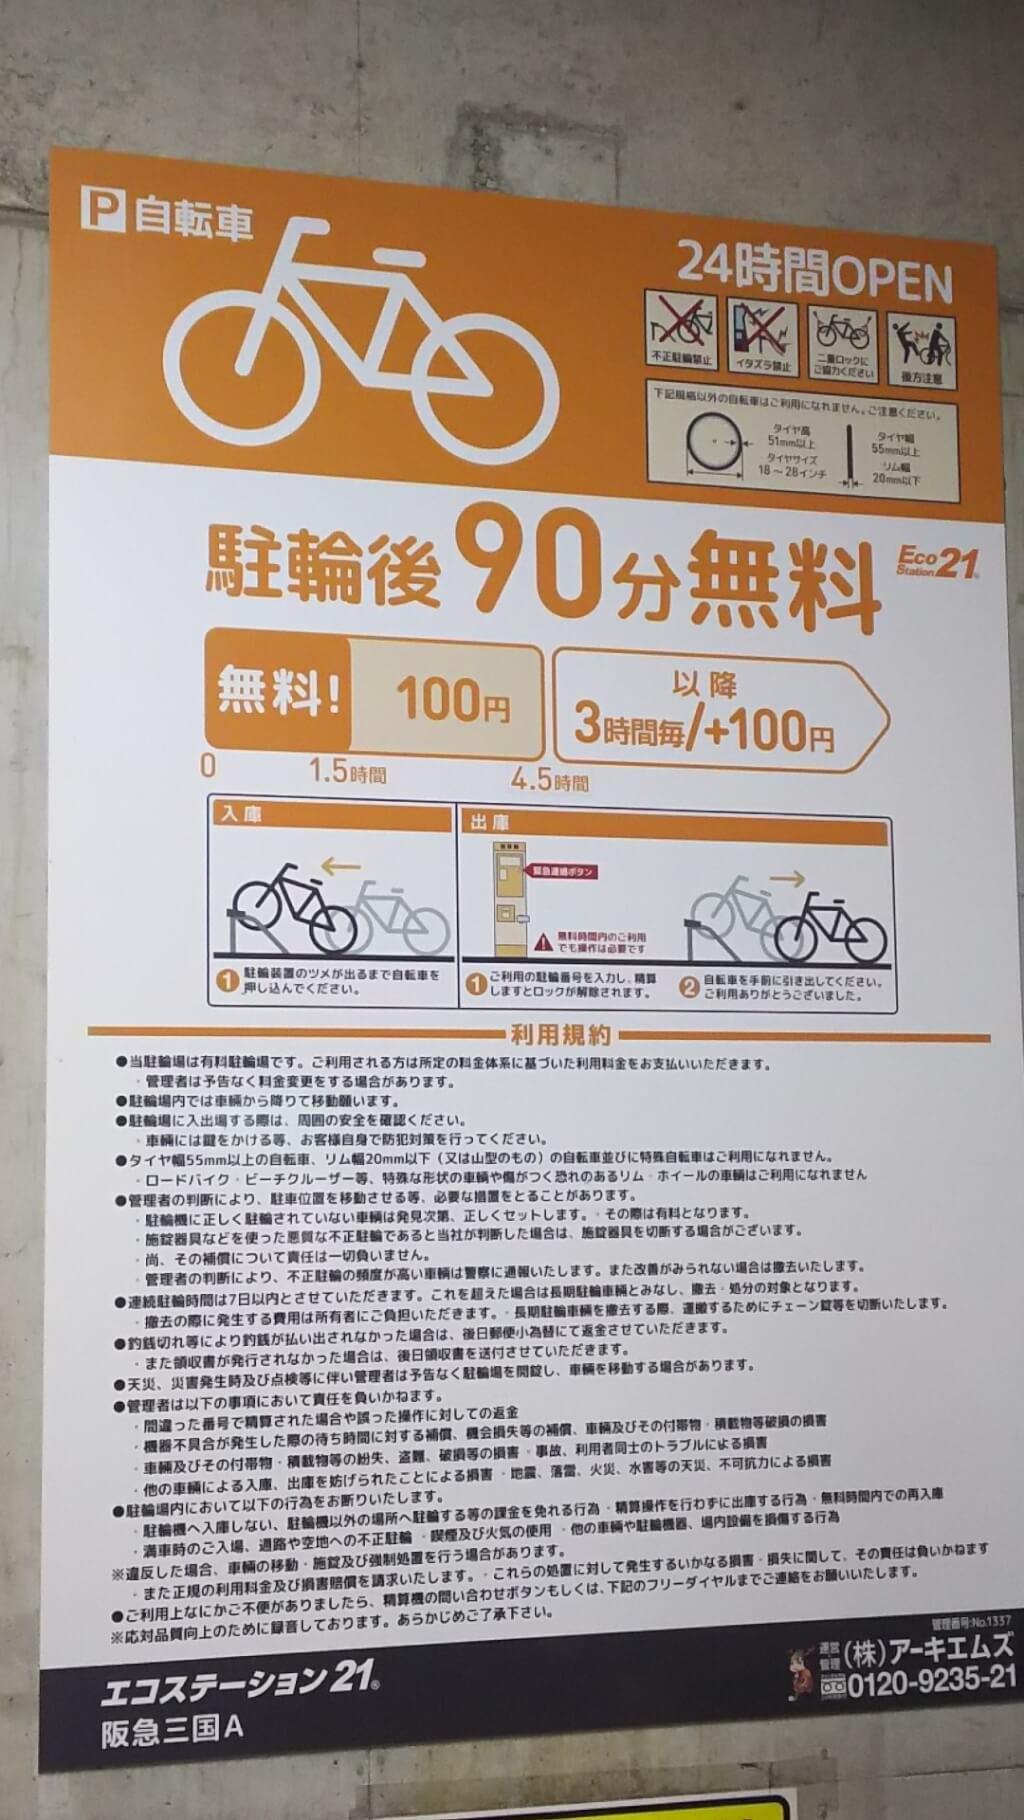 阪急 三国駅 駐輪場 三国A 料金表